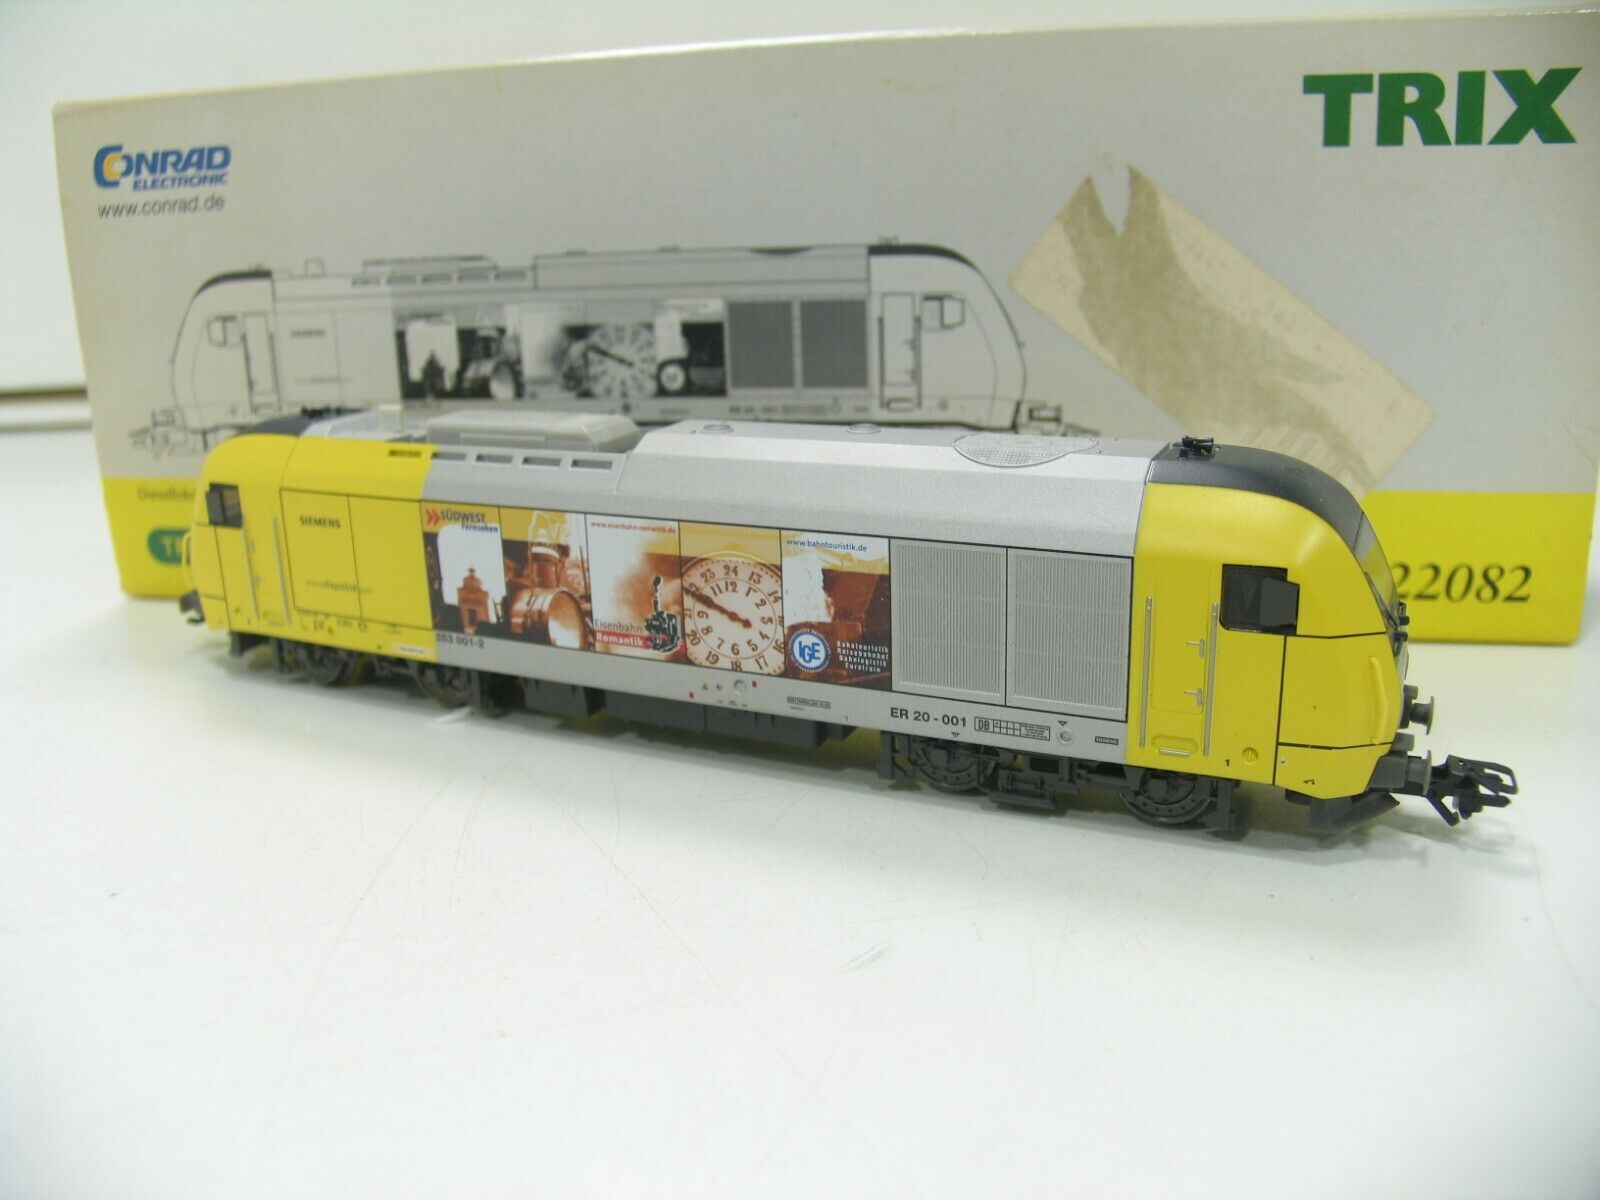 Trix 22082 diesellok él 20 siemens dispolok transformación digital luz de cambio wm753